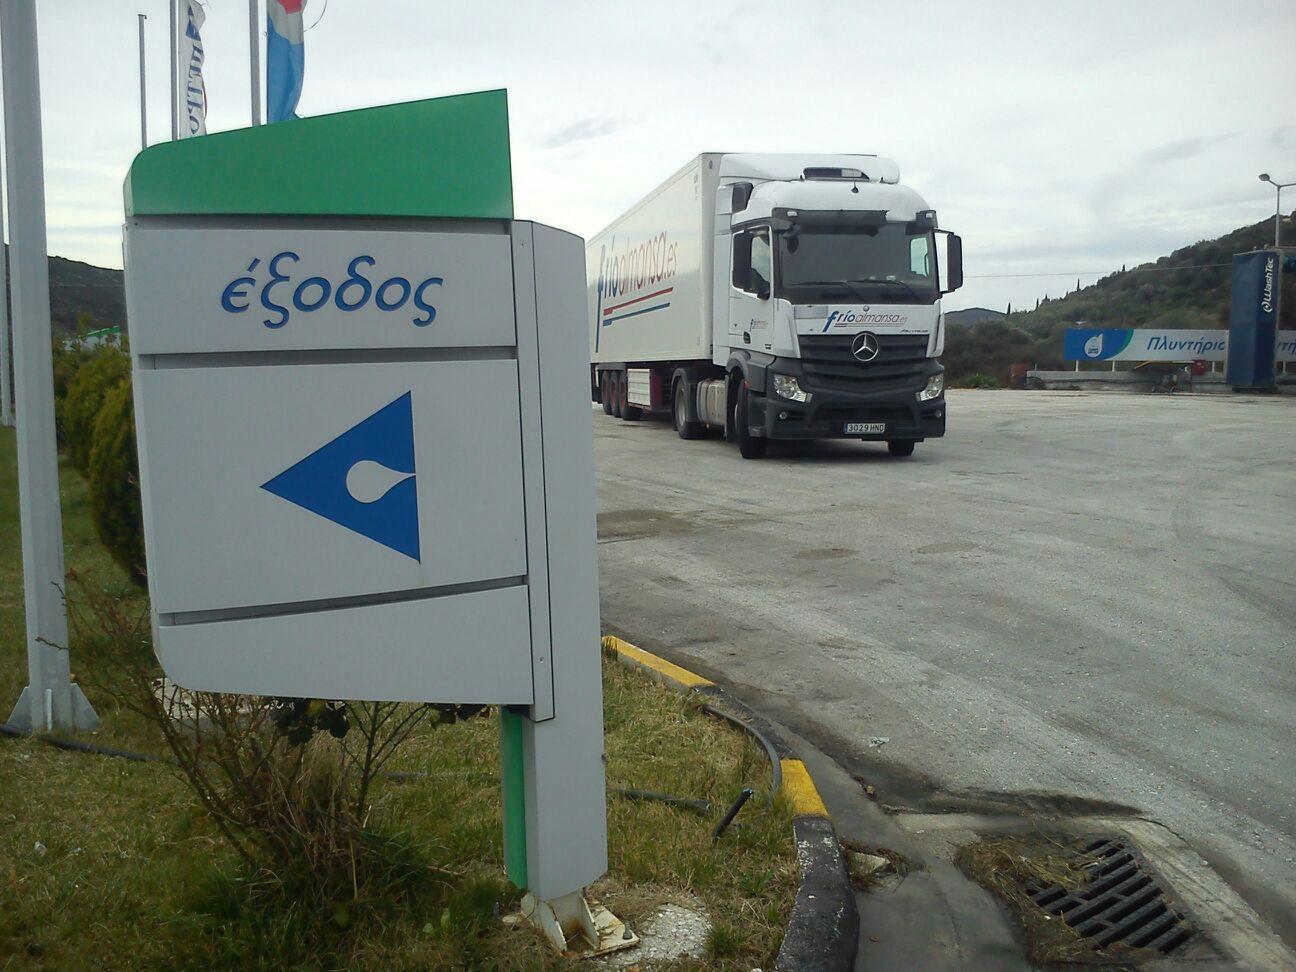 transportes internacionales frio almansa transporte por carretera de mercancía congelada en grupaje7